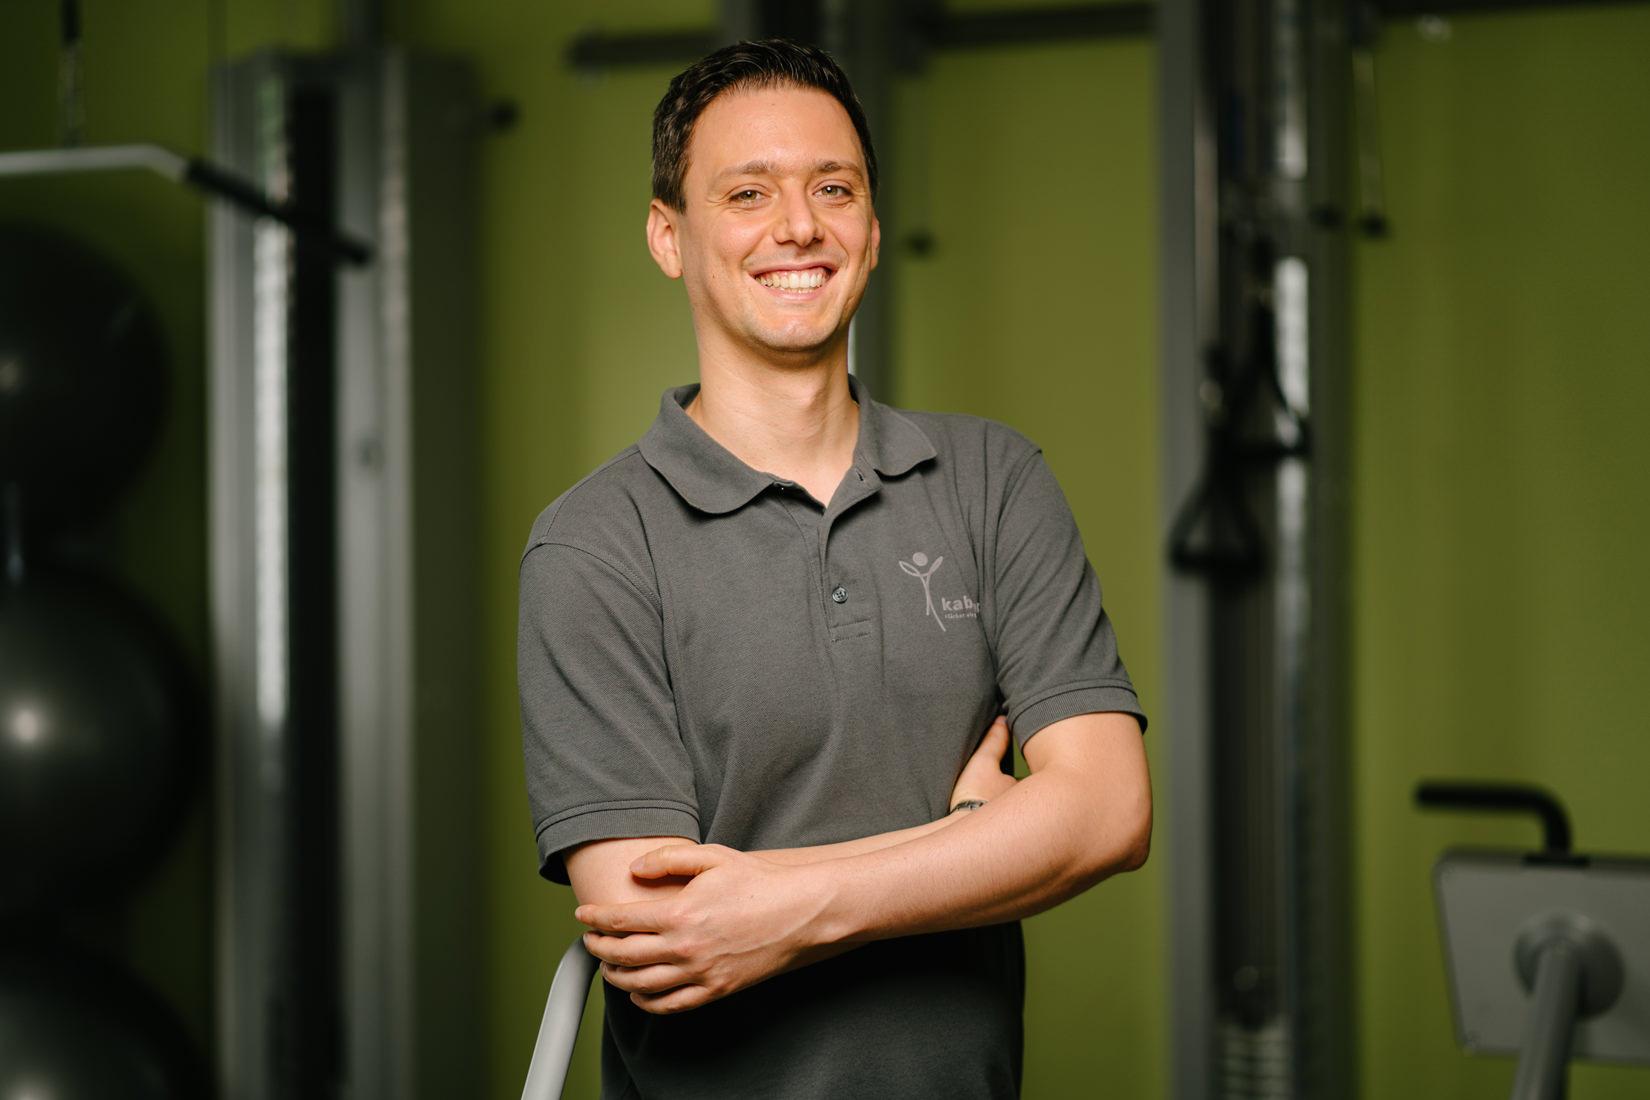 Physiotherapie Schorndorf - Michael Strycek - Team